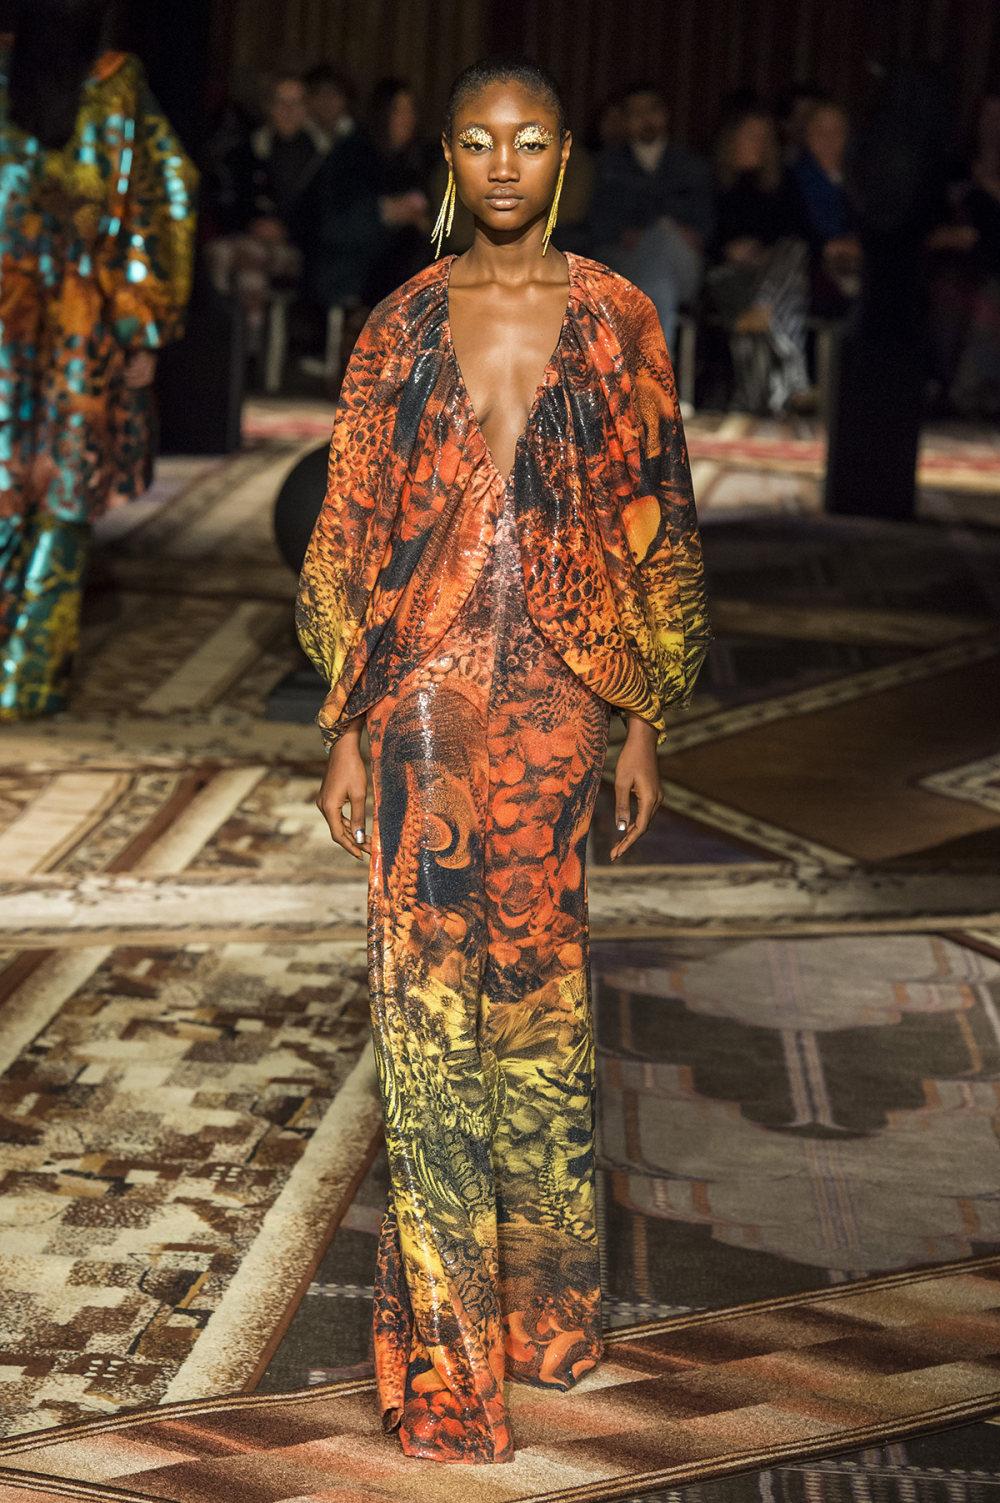 Halpern时装系列将幻想印花应用于宽大的缎面外套展示垂褶技巧-32.jpg